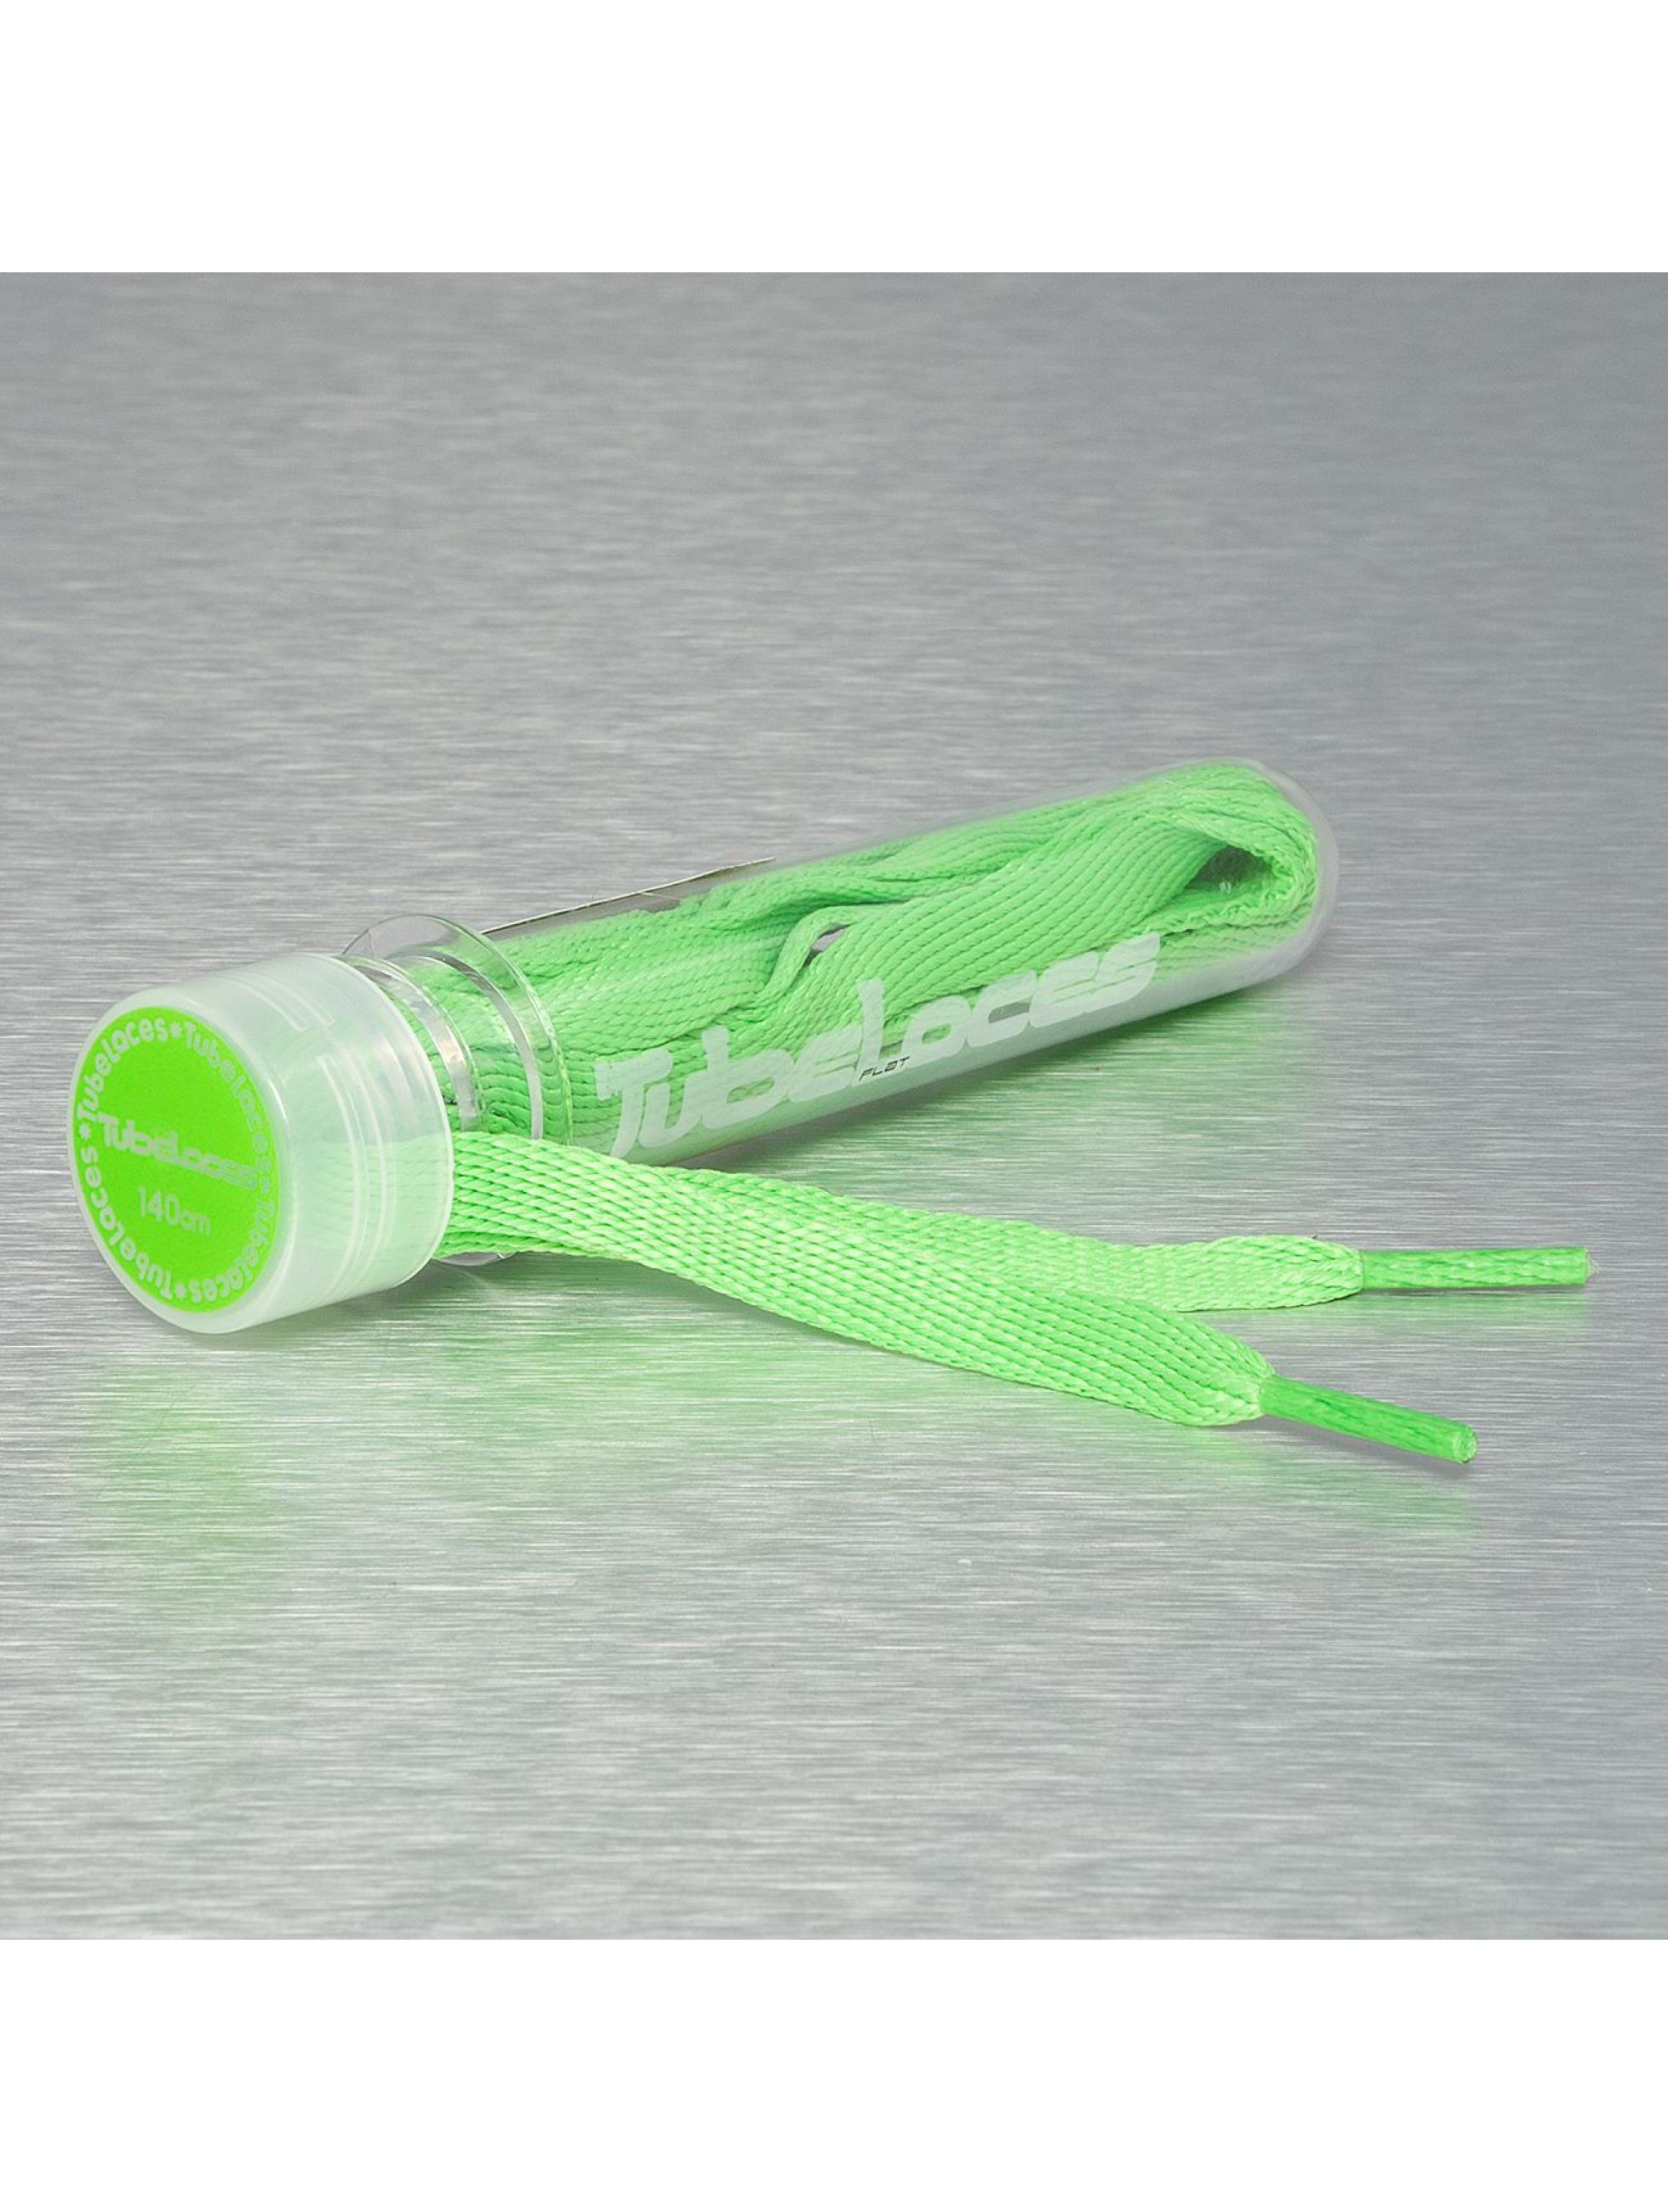 Tubelaces Schuhzubehör Flat Laces 140cm grün